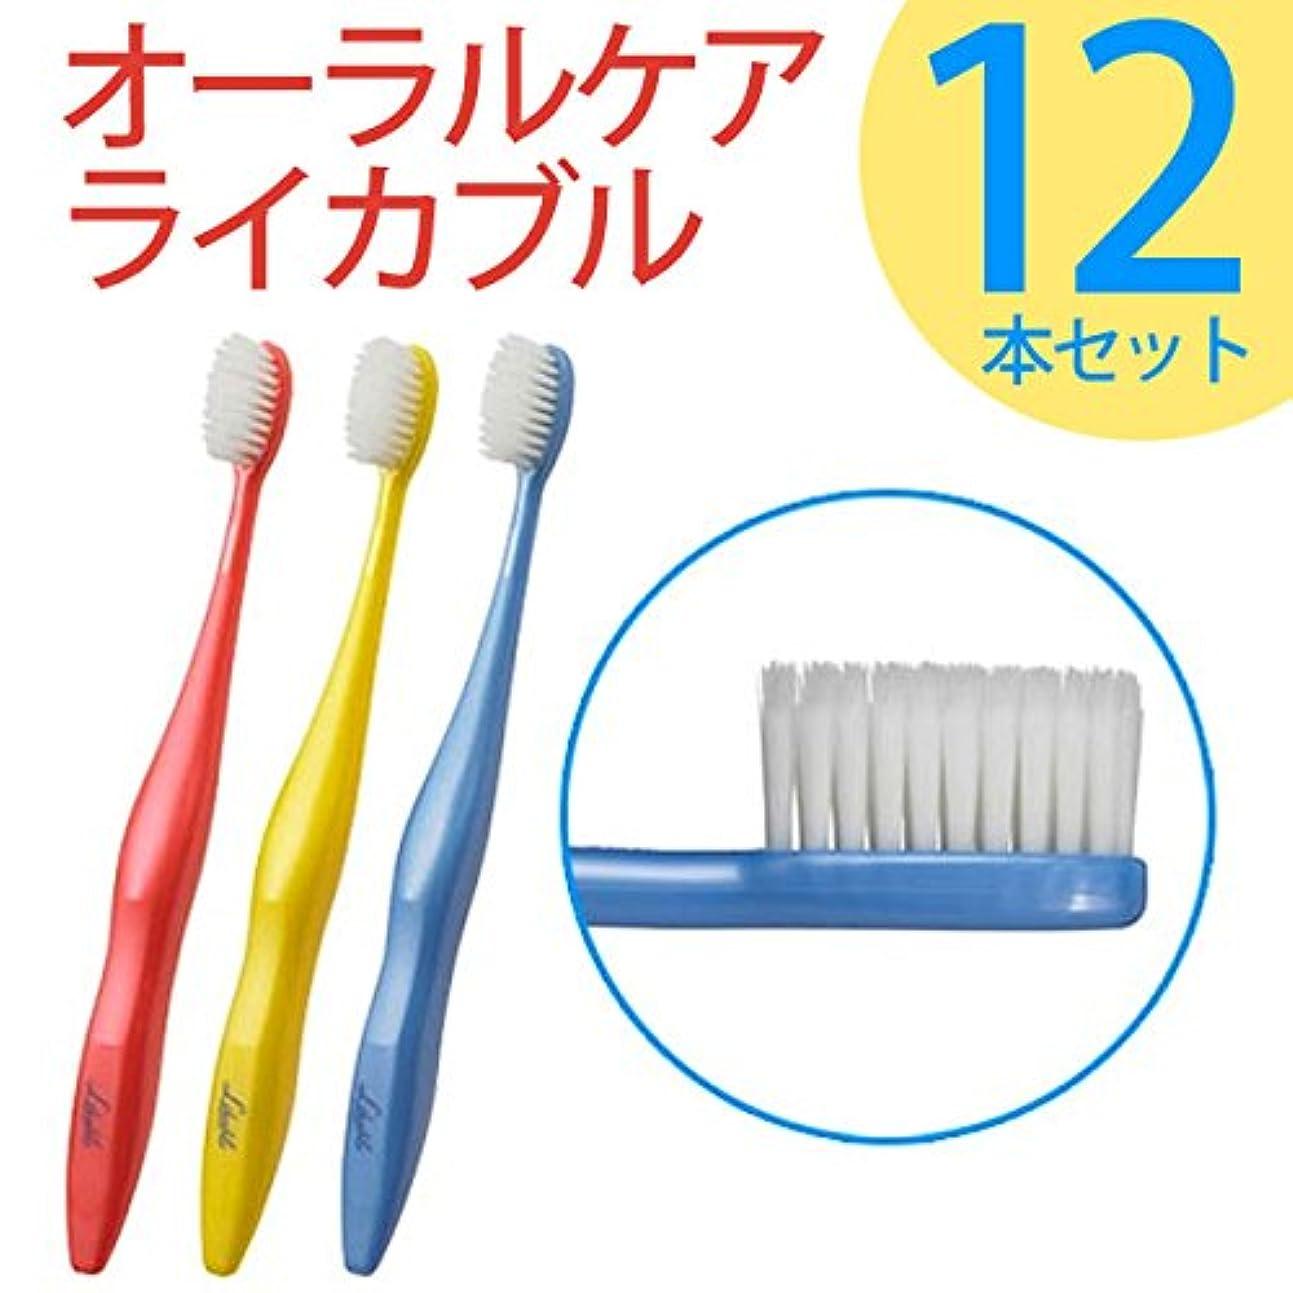 はっきりと失敗アラビア語ライカブル ライカブル メンテナンス用 歯ブラシ 12本セット